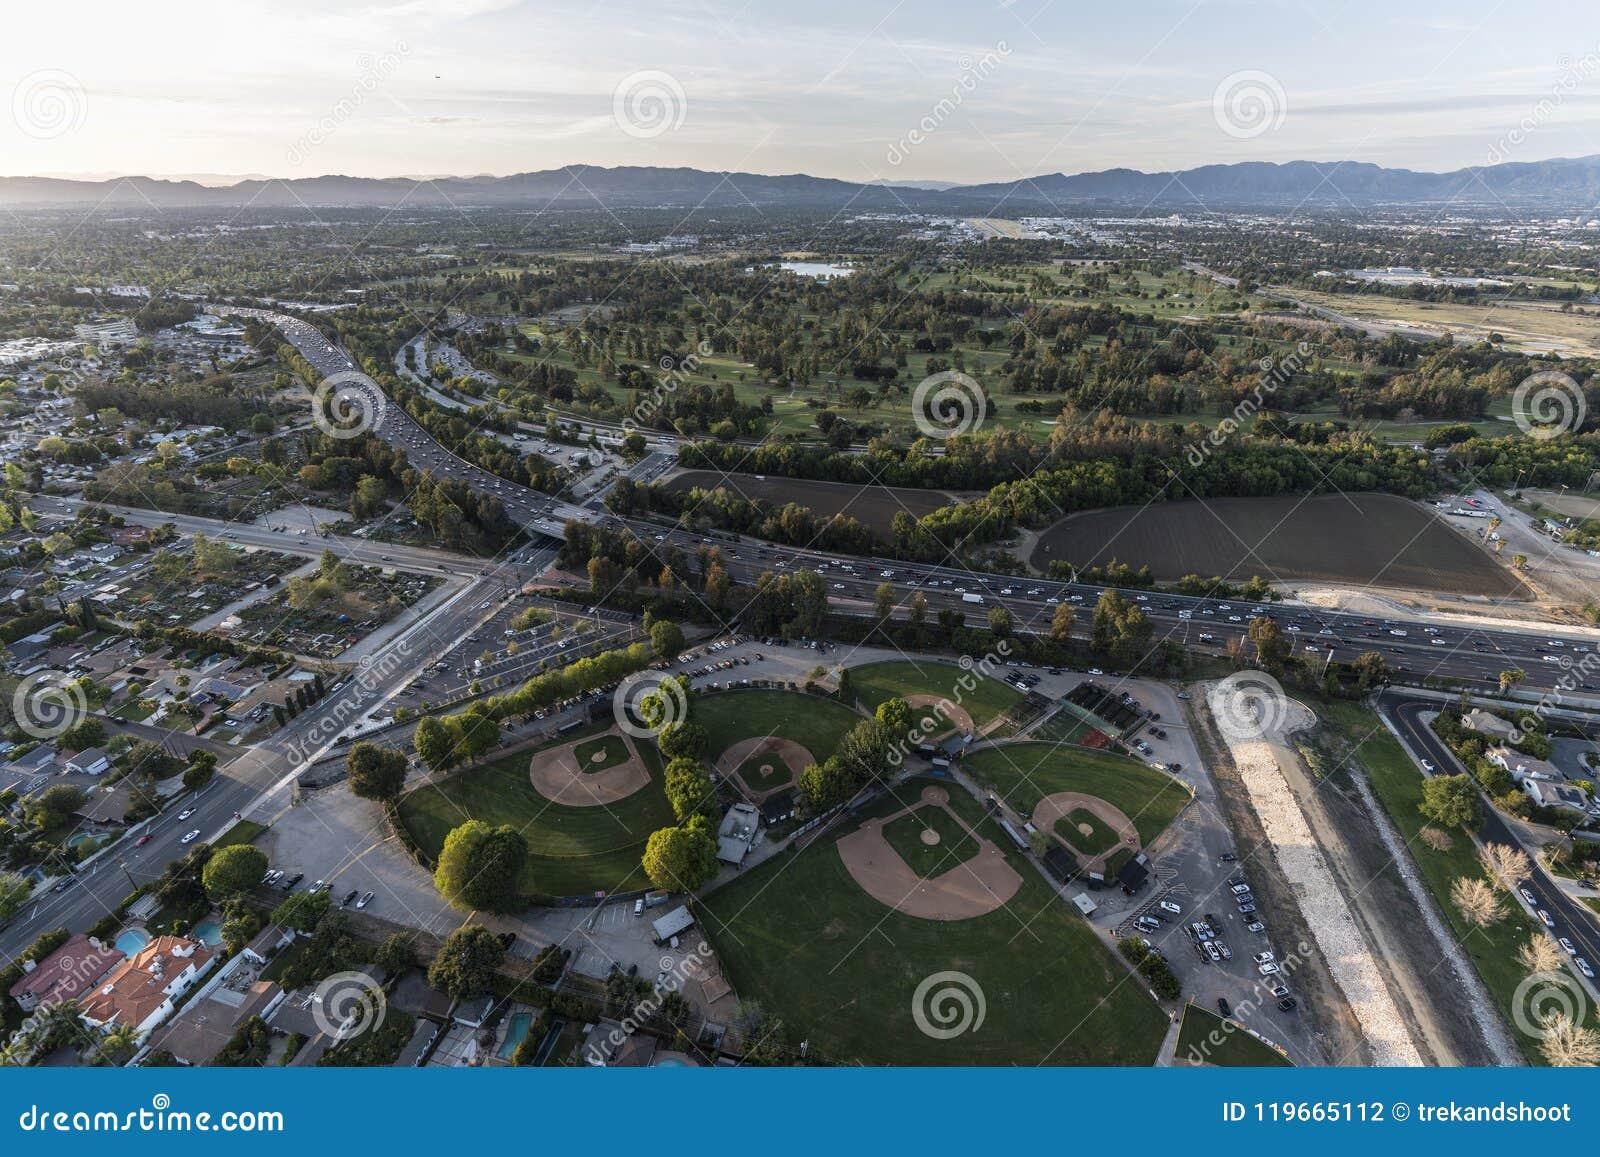 Los Angeles San Fernando Valley Sepulveda Basin Aerial Stock Photo